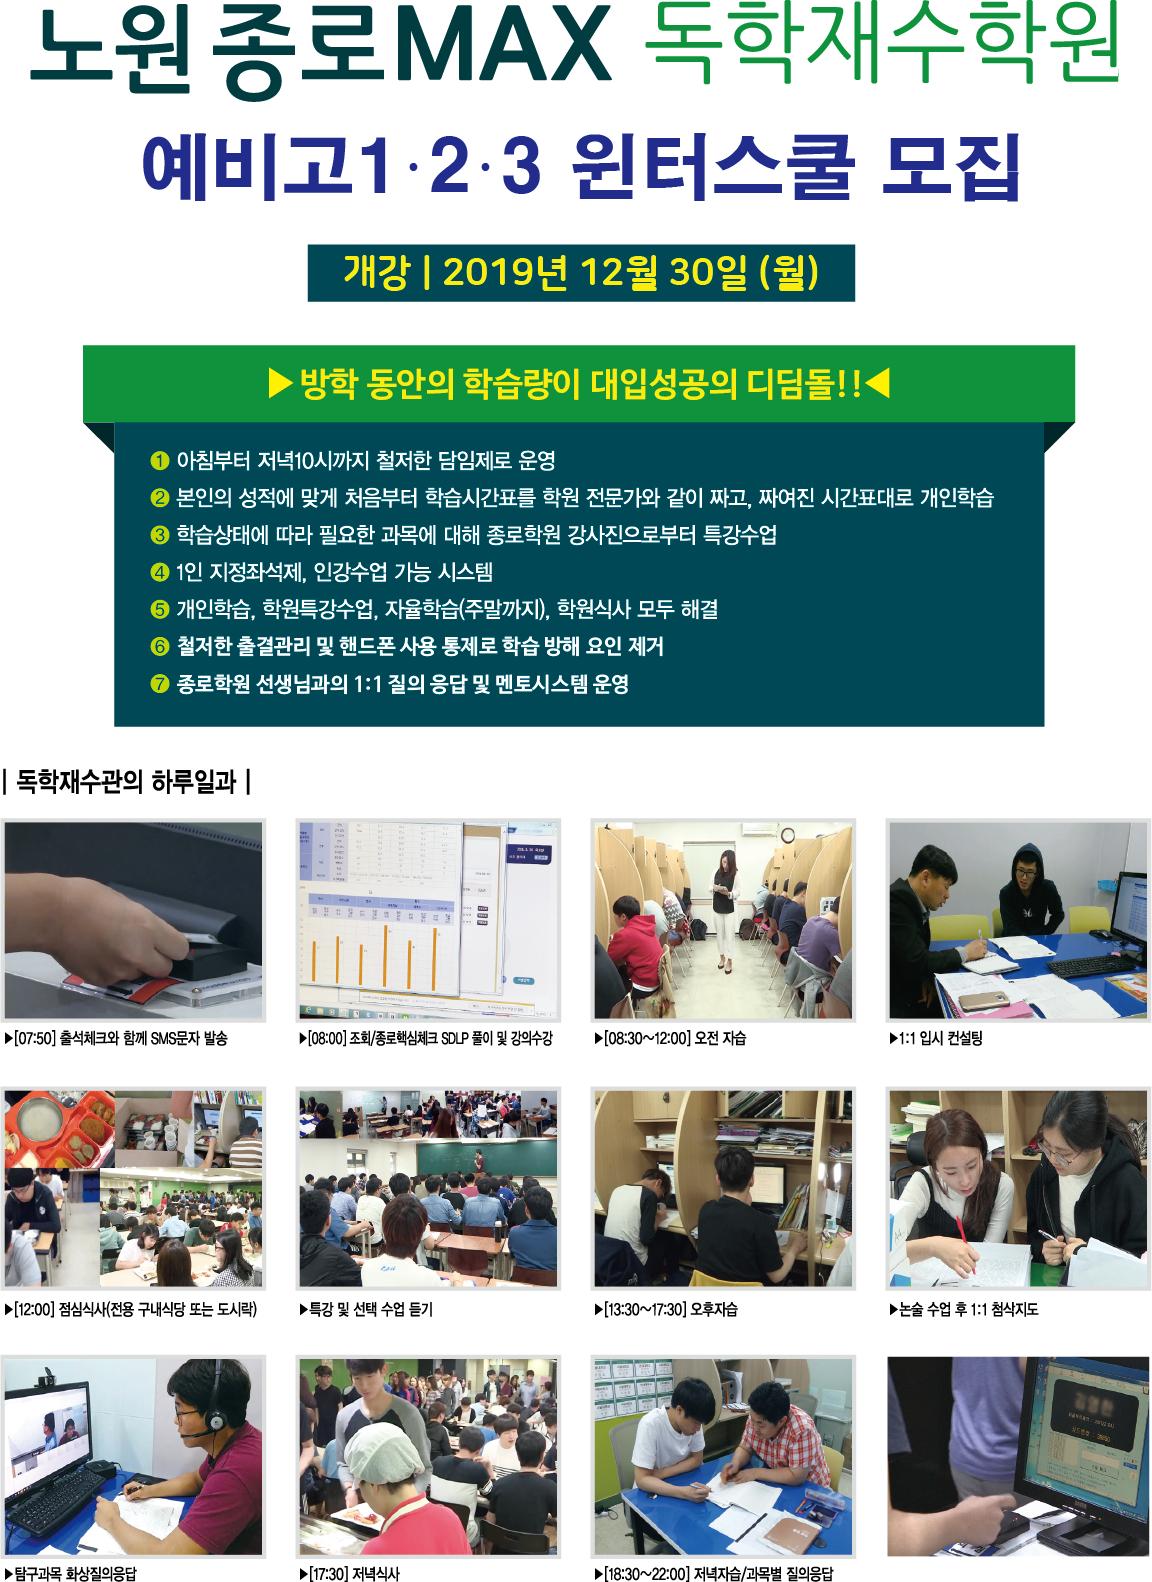 노원종로MAX 전단지_수정.png